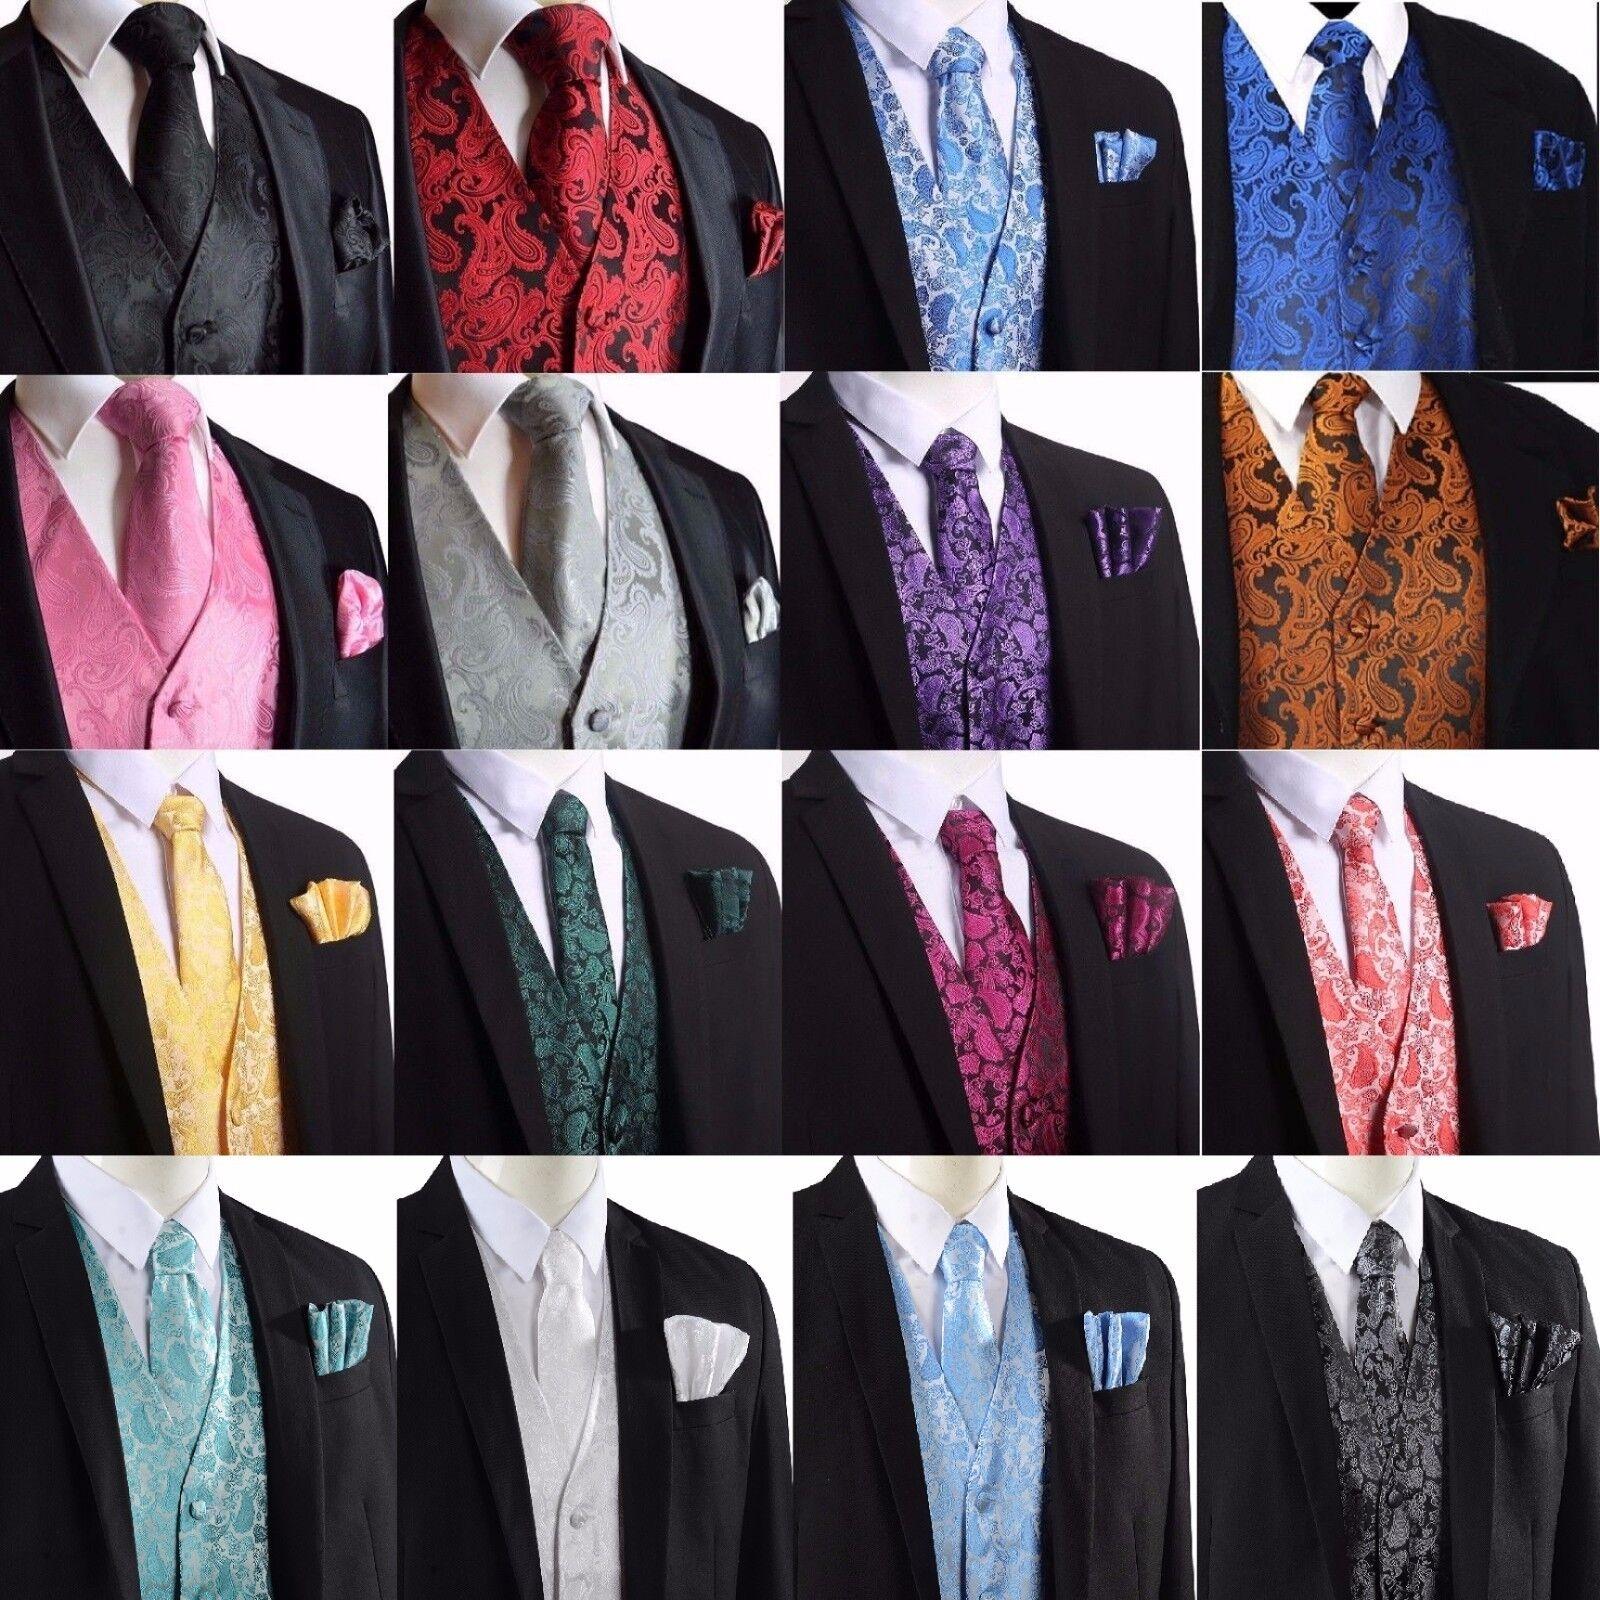 Herren Paisley Design Weste Weste und Krawatte Taschentuch Set für Anzug - UK